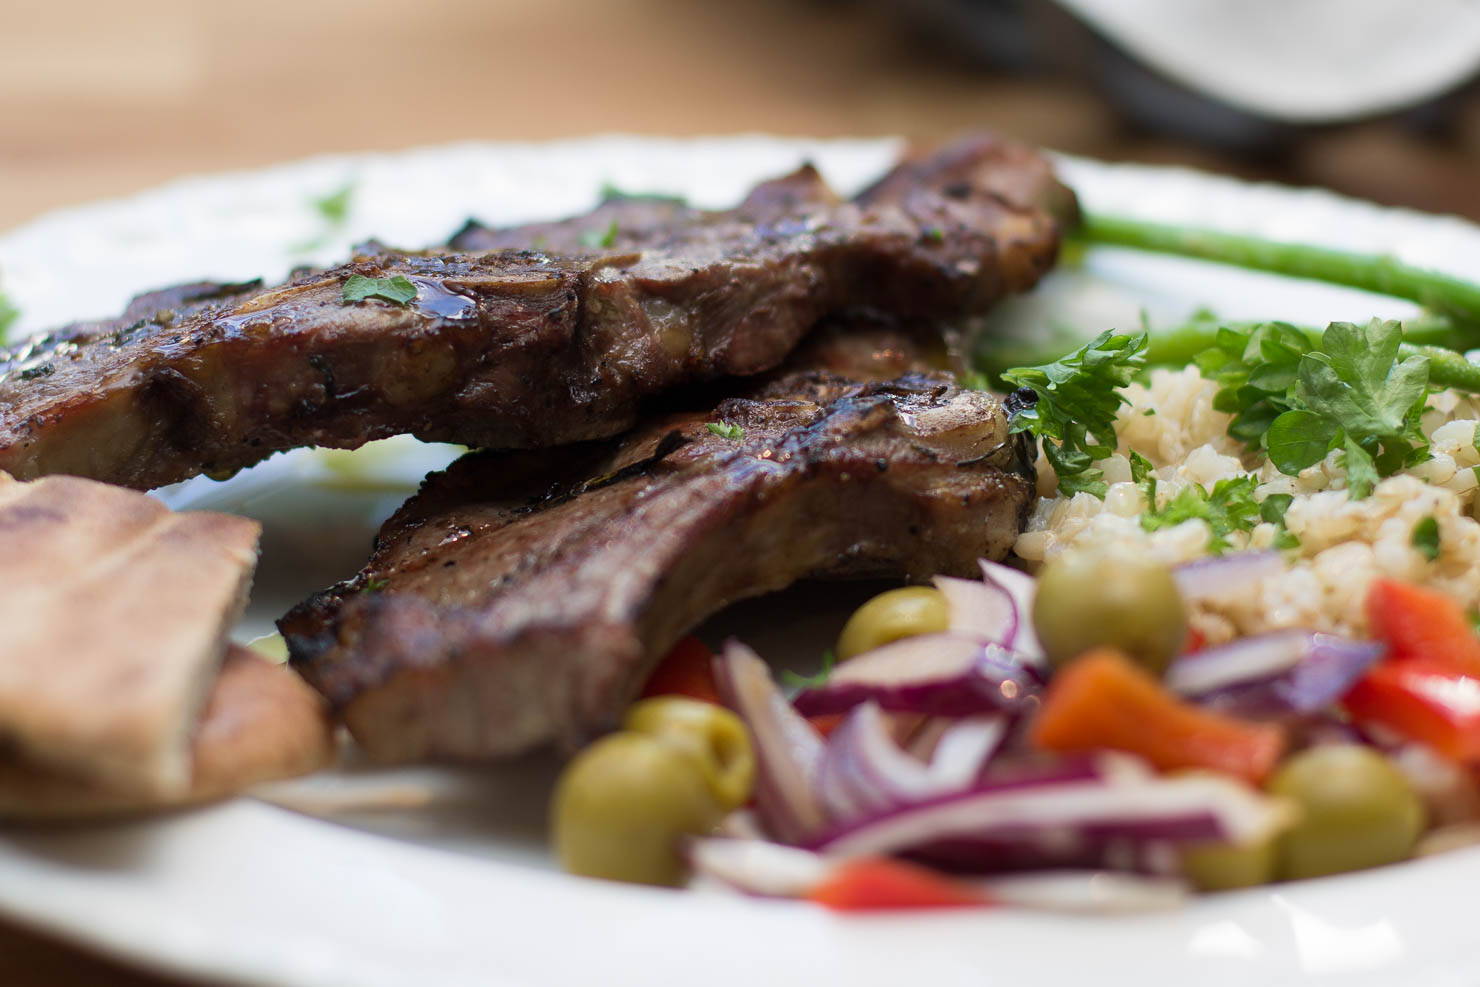 Nærbilde | Grillede lammekoteletter med fullkornsris og frisk salat